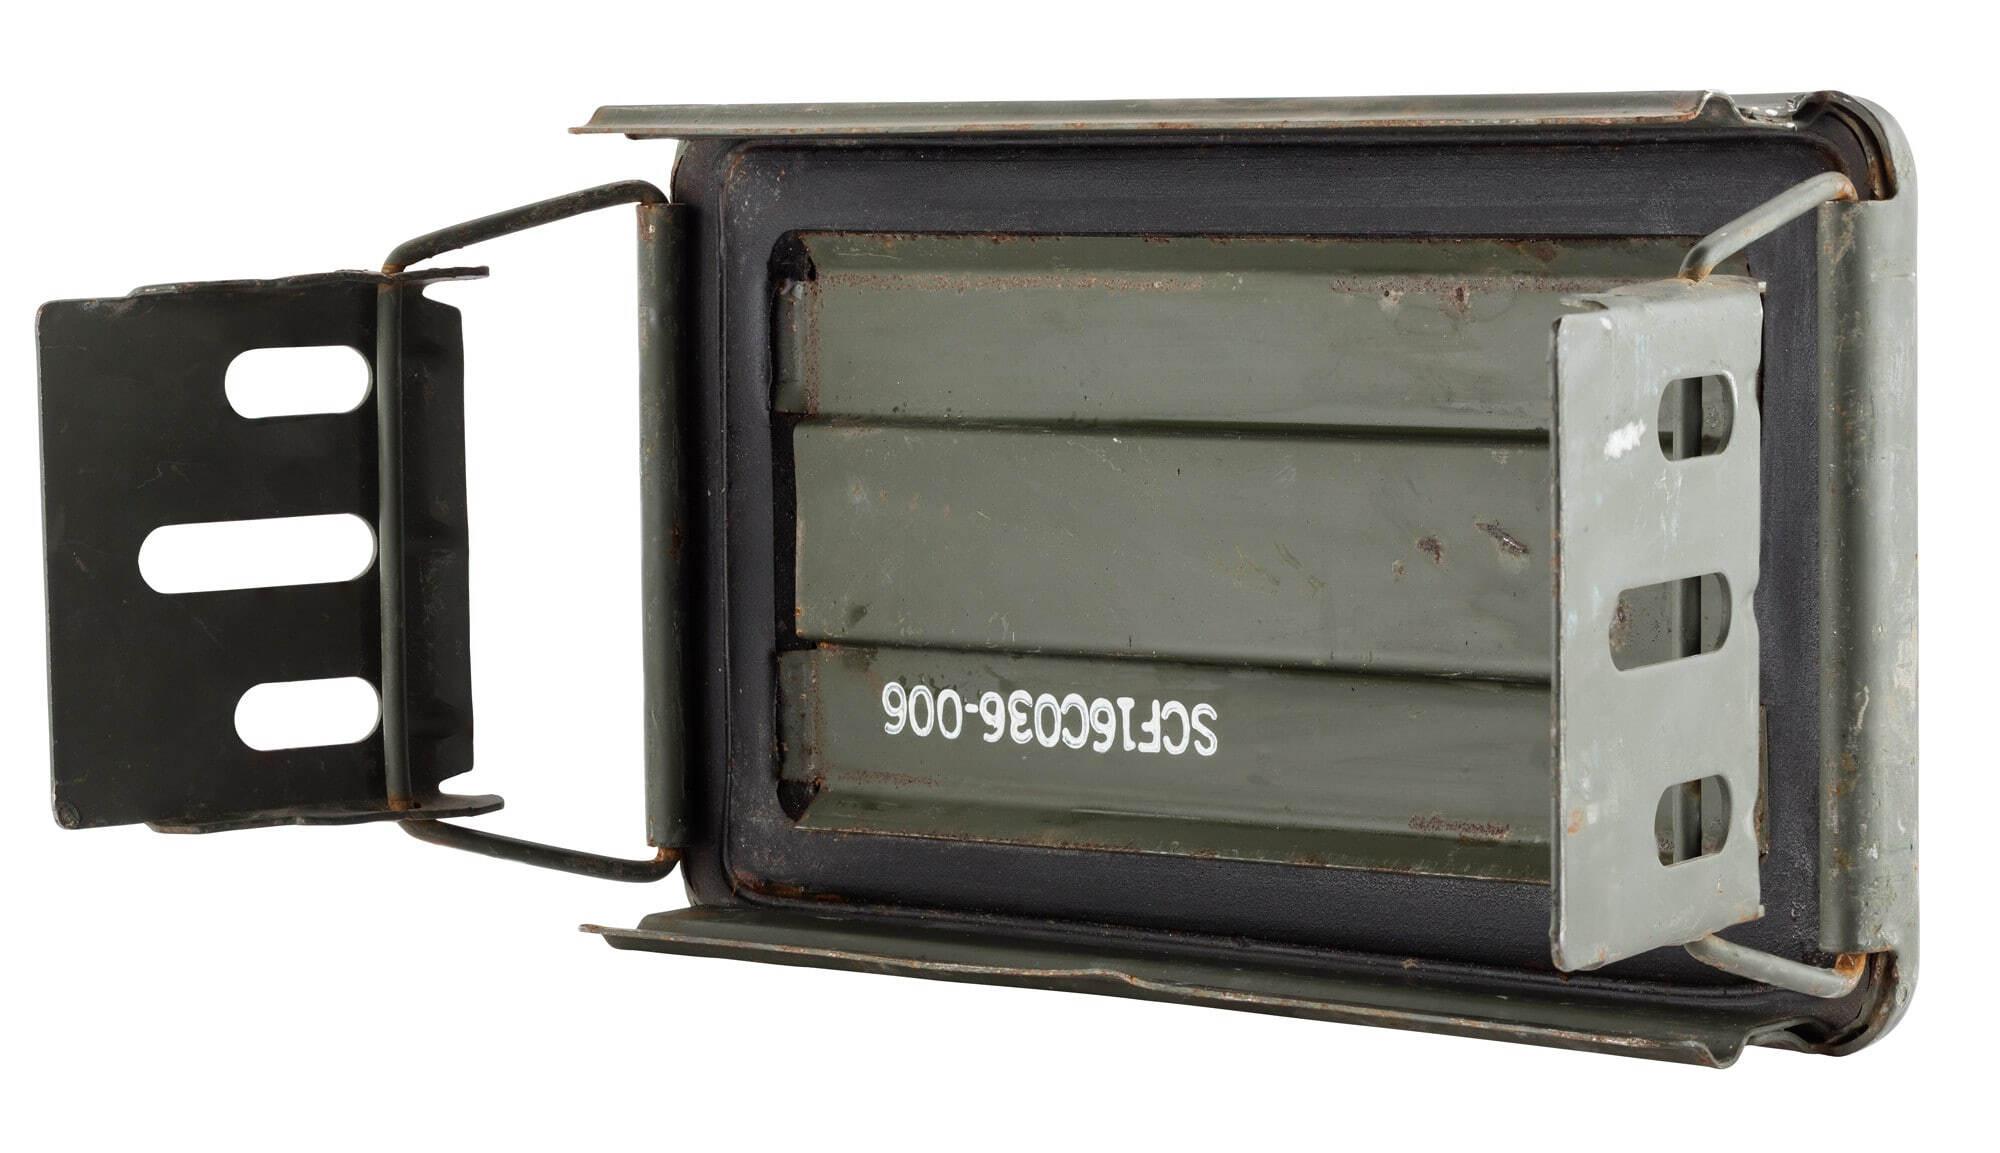 US munitions boîte avec serrure métal Boîte de transport cantine Army Ammo Box